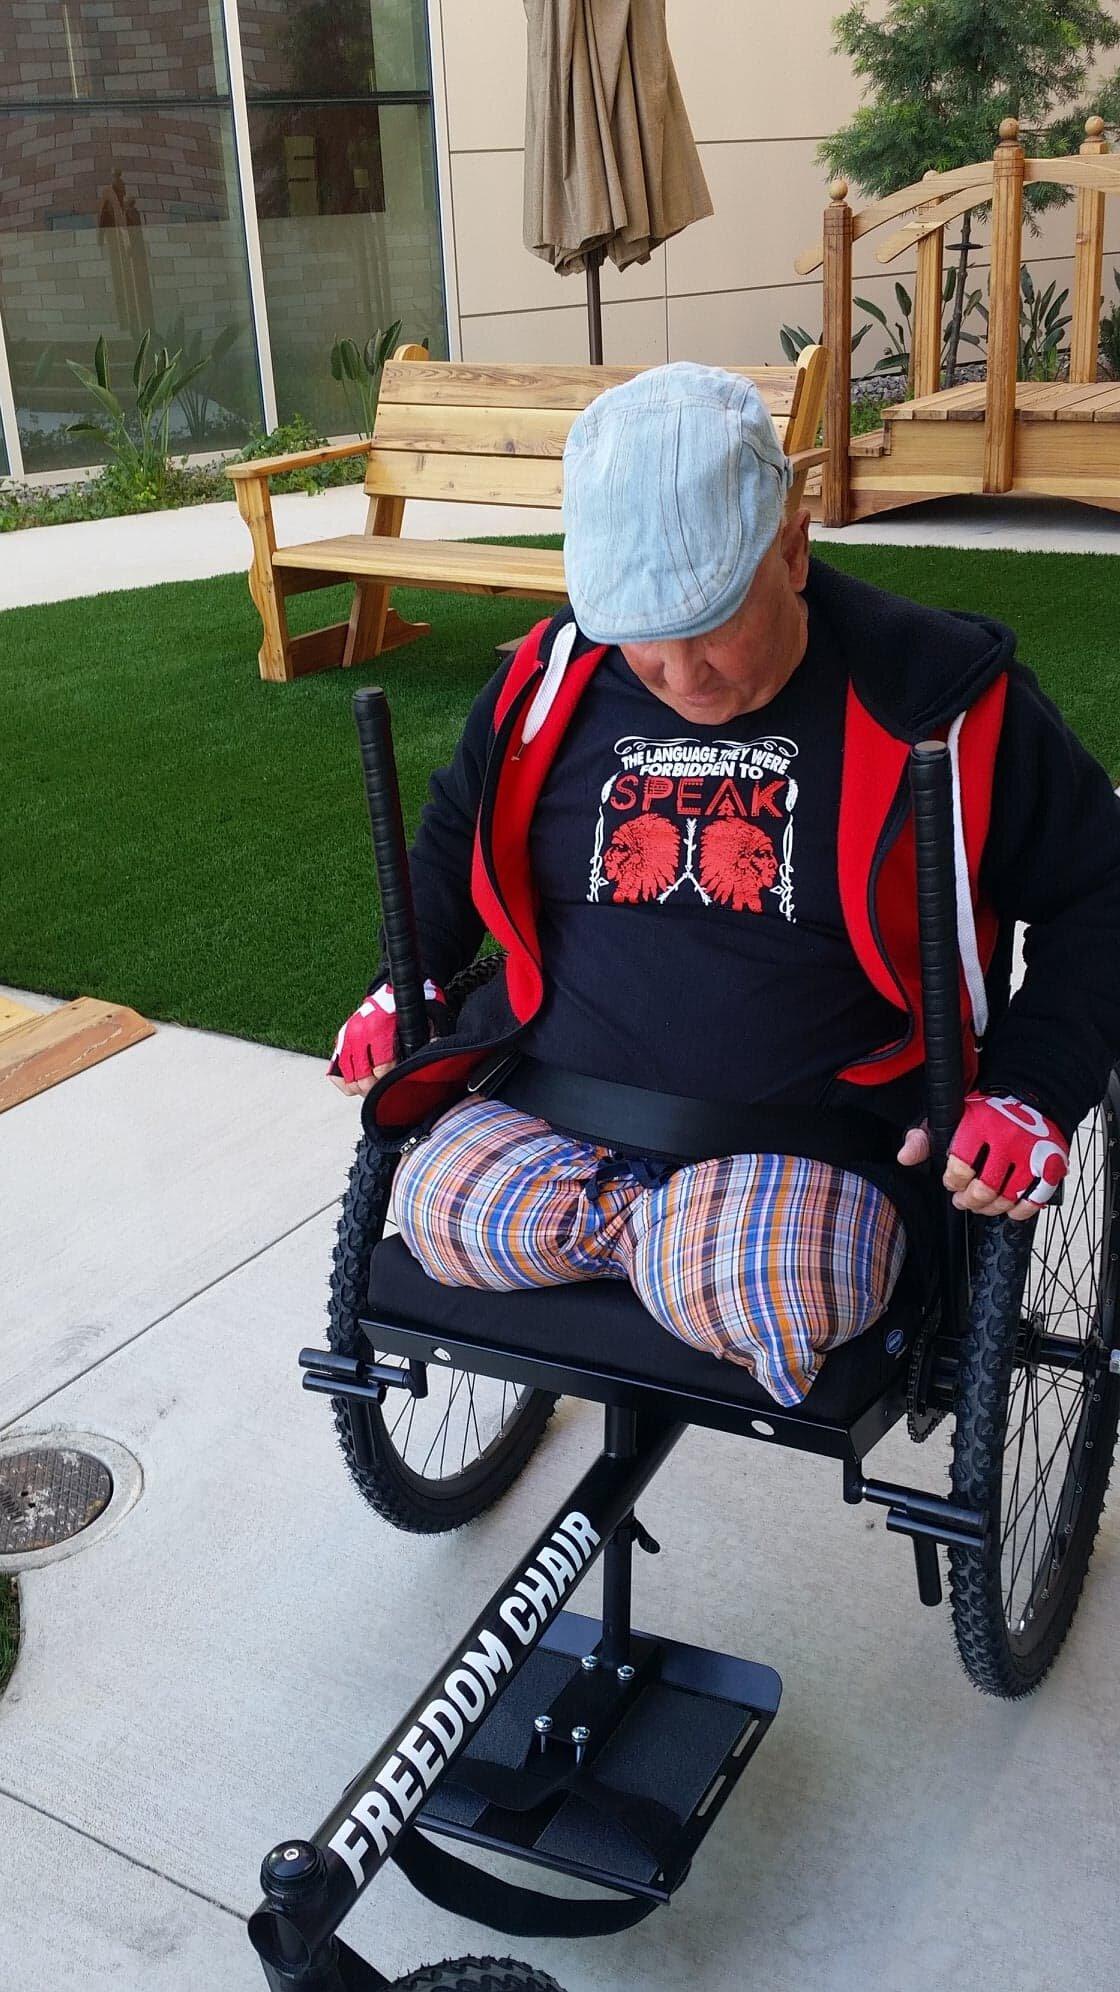 All-terrain-wheelchair-Morris-3.jpg